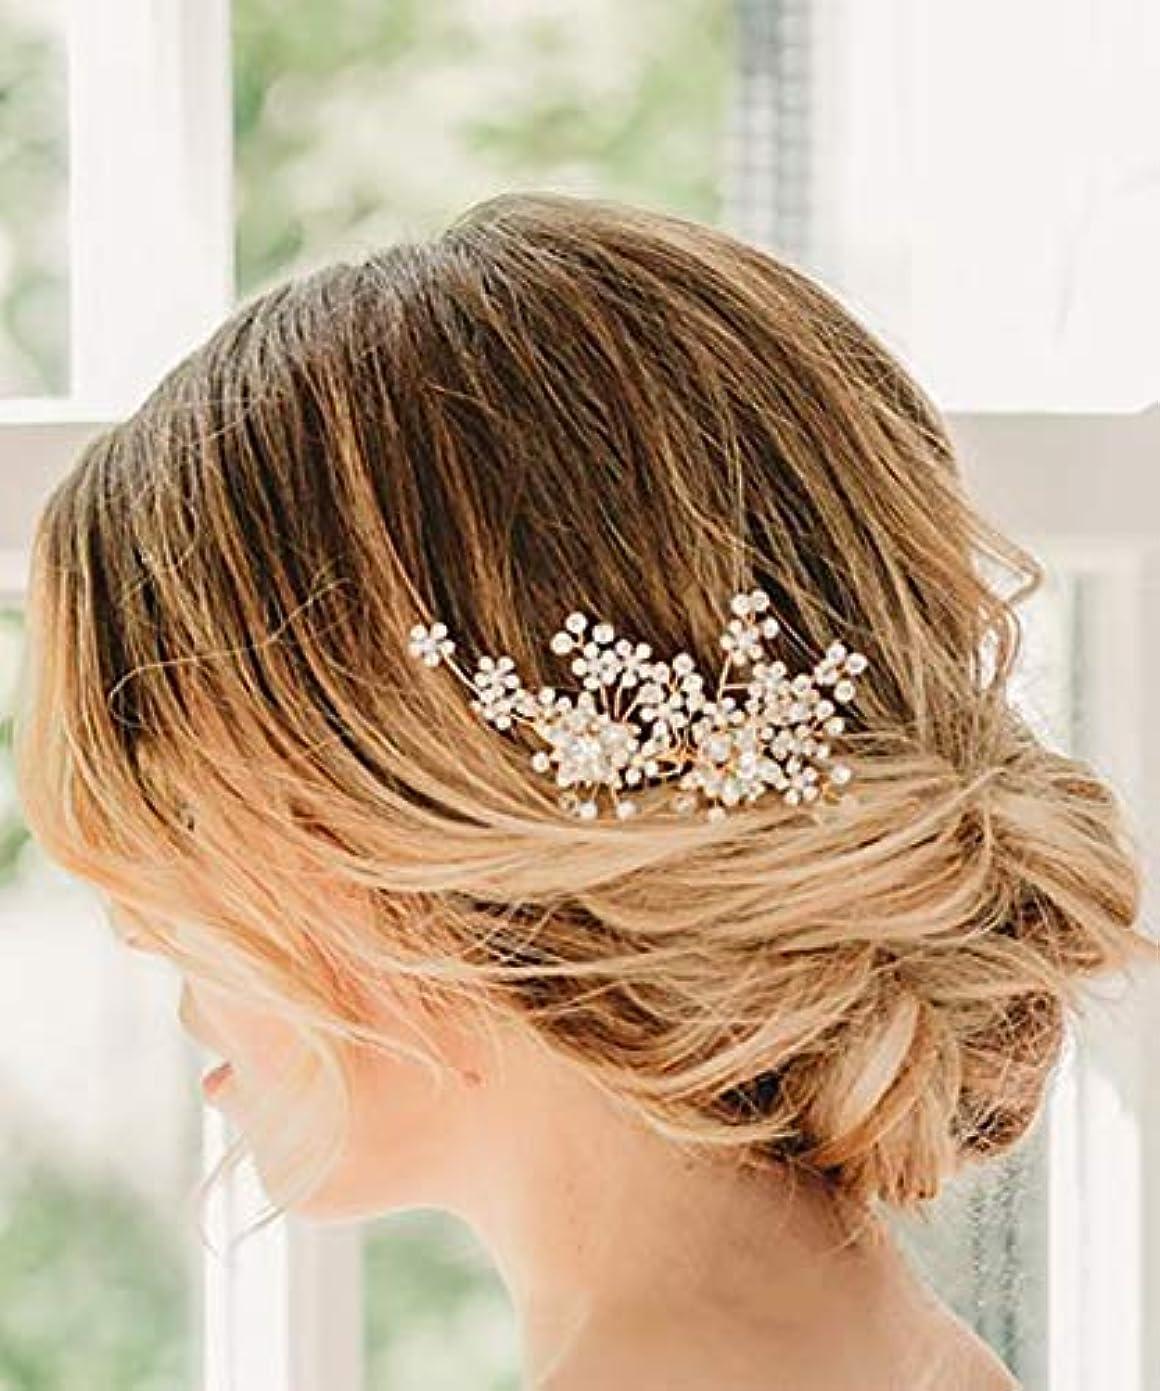 不十分コミュニティ膨らませるDeniferymakeup Dainty Bridal Floral Hair Comb Wedding Pearl Hair Comb Woodland Bridal Hair Accessories Flower Headpiece Bridal Head Piece Floral Hair Clip Leaf Side Comb Bridal Tiara (Silver) [並行輸入品]